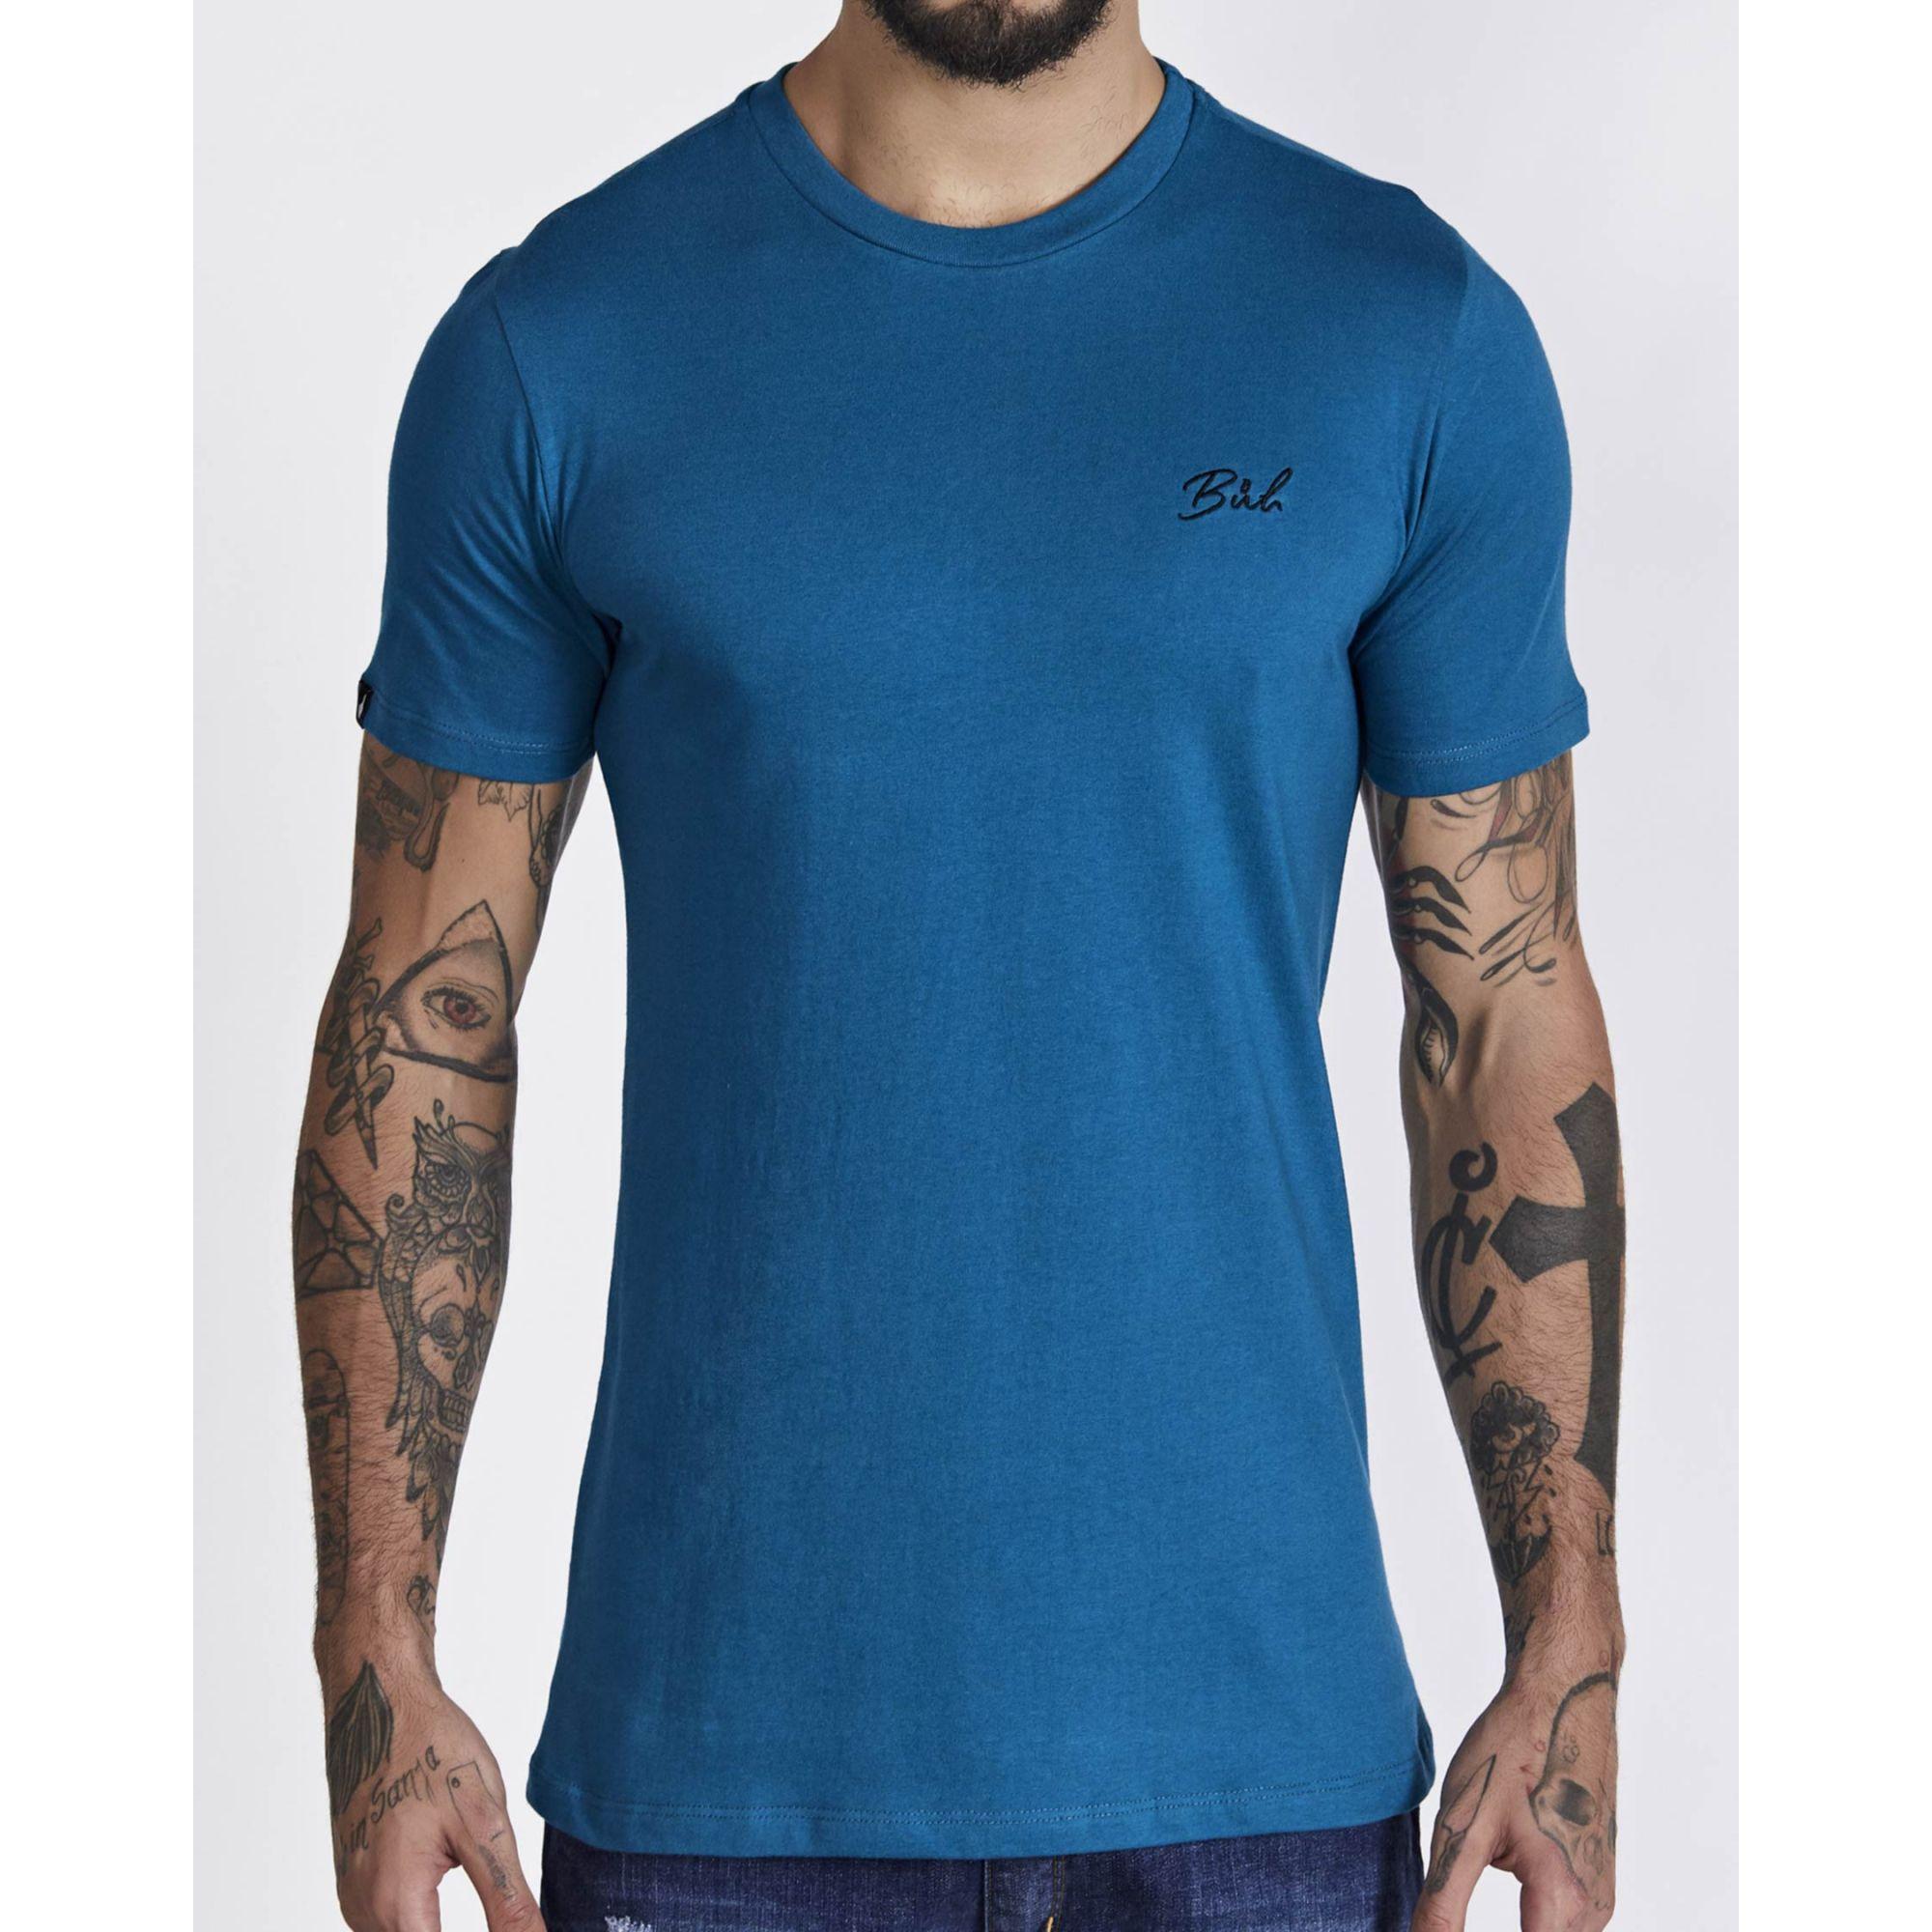 Camiseta Buh Basic Bordada Blue